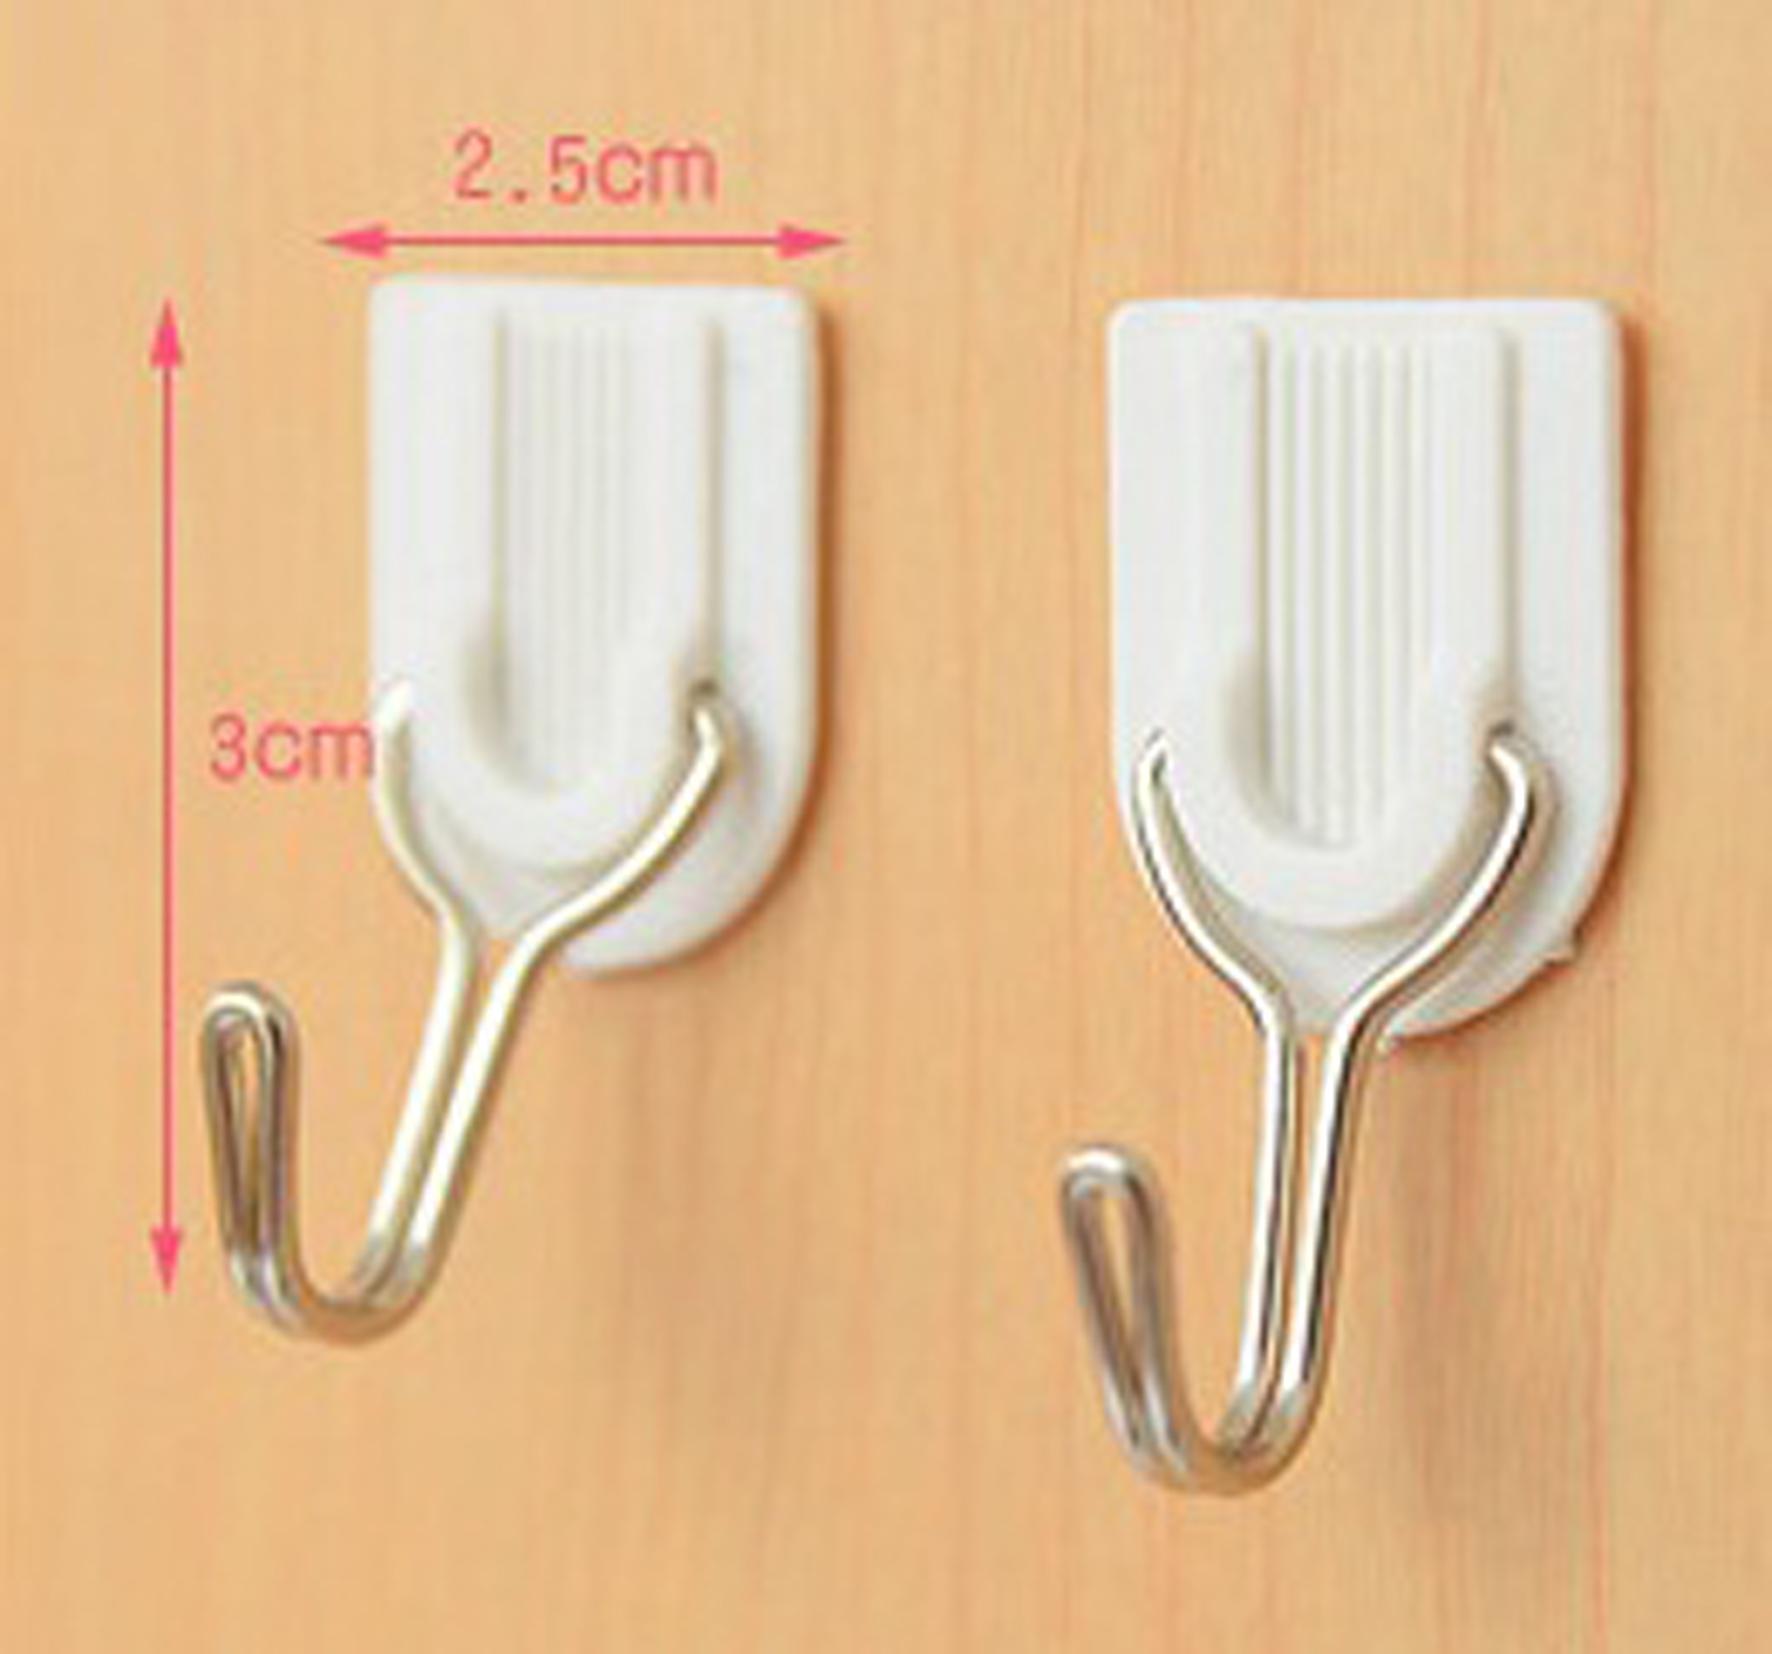 Detail Gambar Hook Multifungsi Gantungan Baju barang Tempel - Putih isi 6 Pcs Powerfull Hook 2